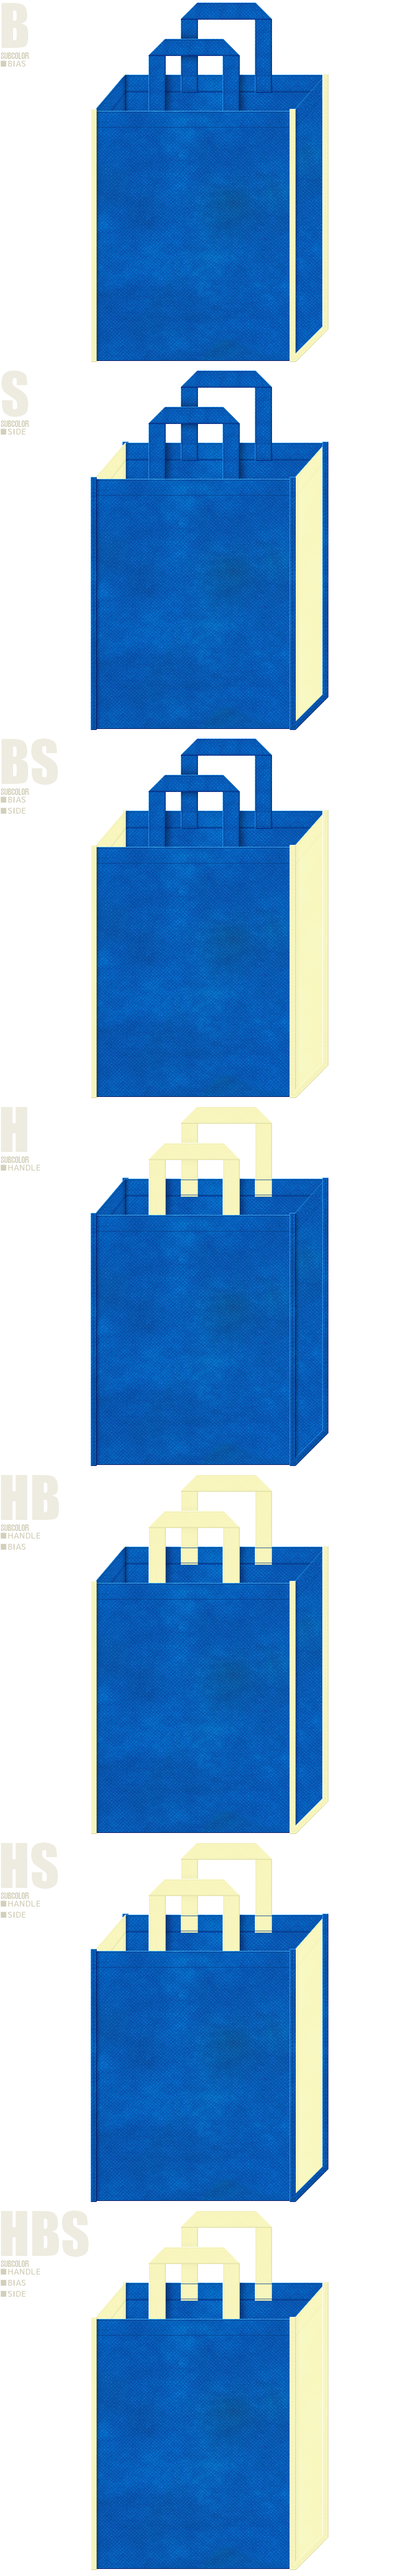 不織布トートバッグのデザイン例-不織布メインカラーNo.22+サブカラー、クリームイエローの2色7パターン